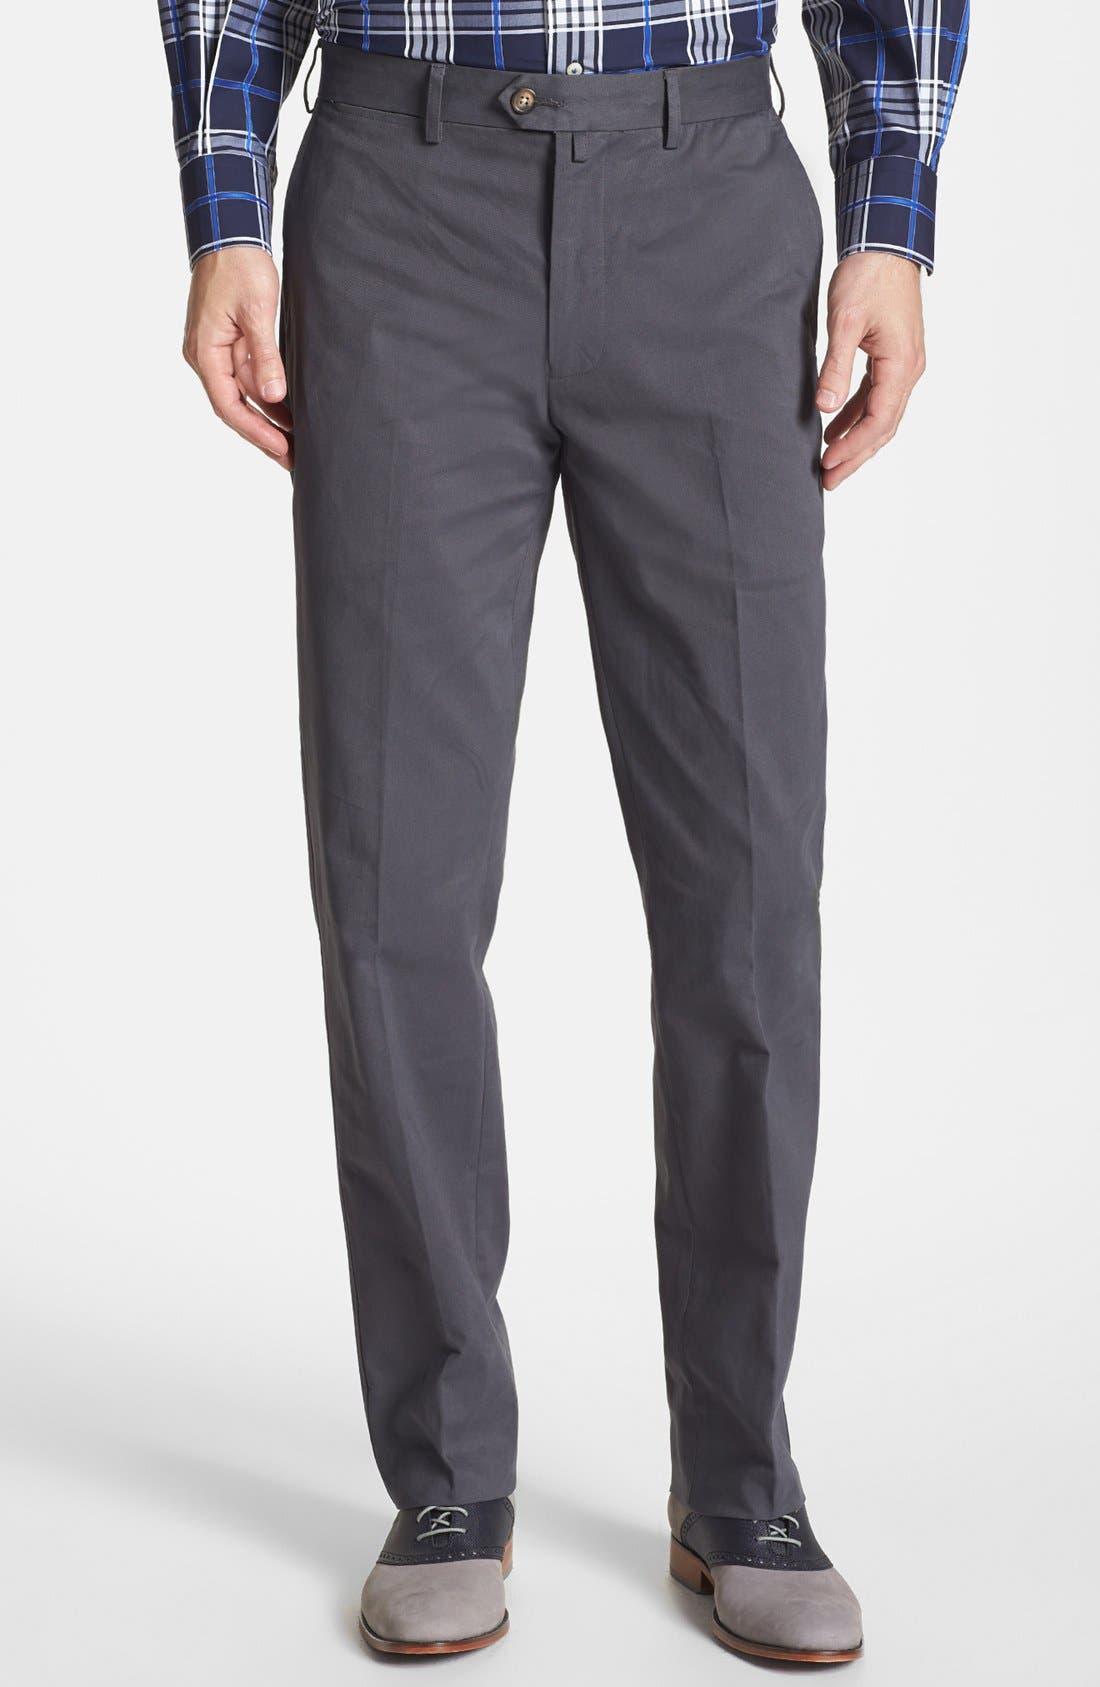 Main Image - Façonnable 'Savon' Flat Front Cotton Pants